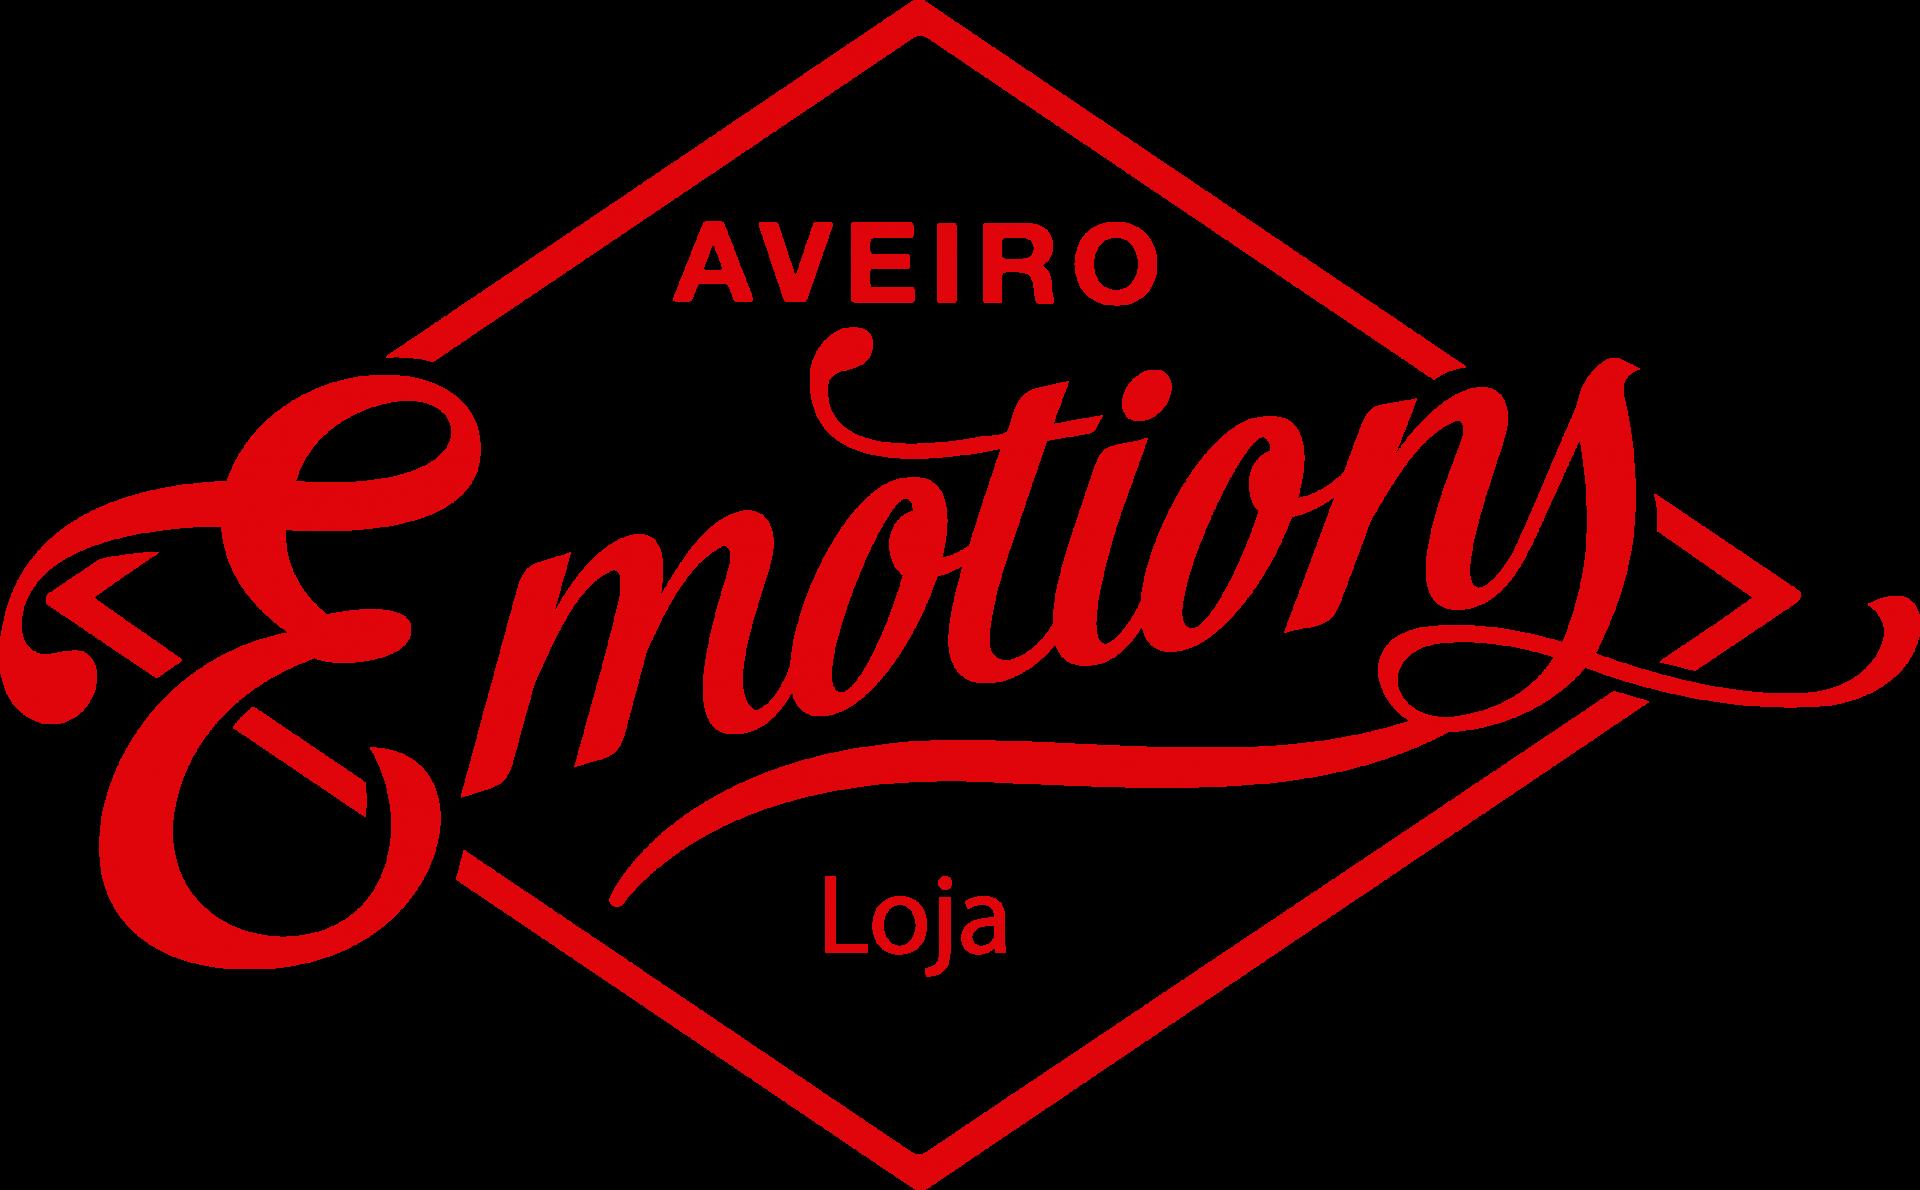 Loja Aveiro Emotions